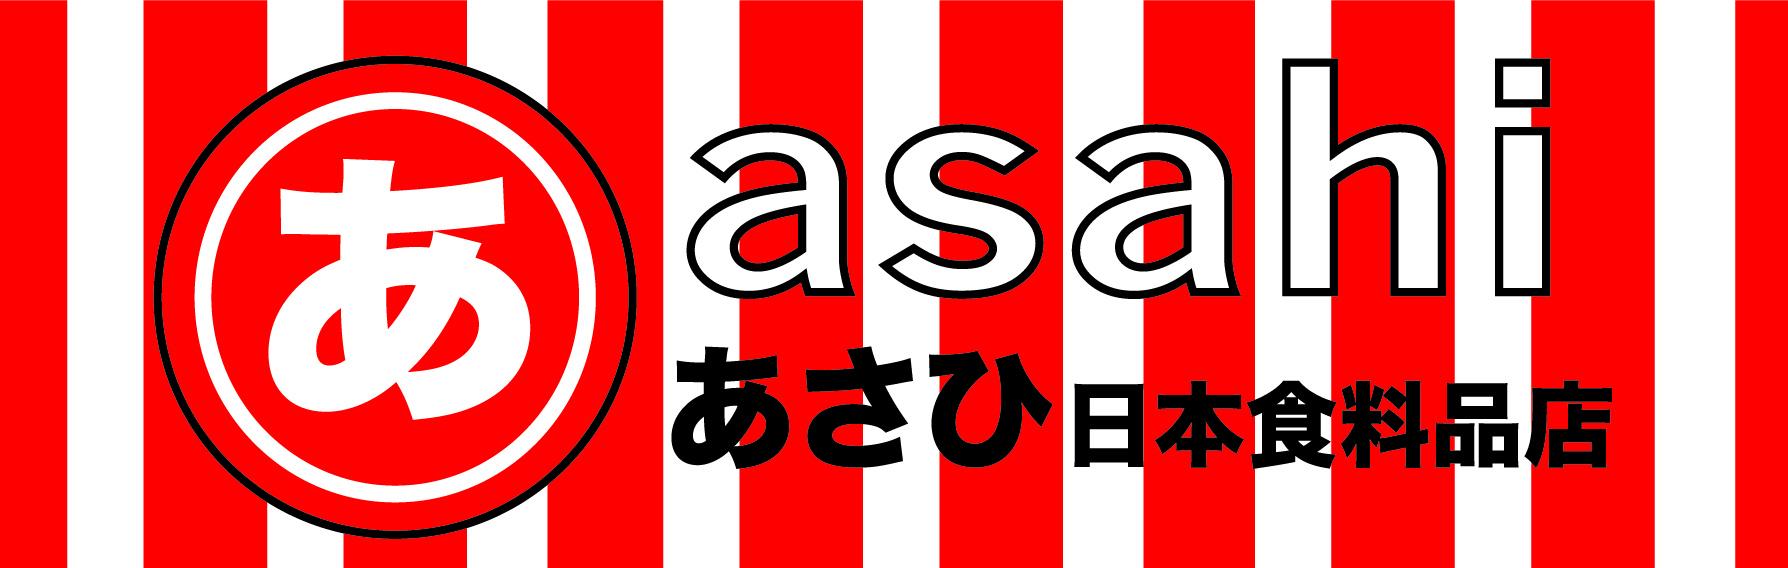 asahi website banner